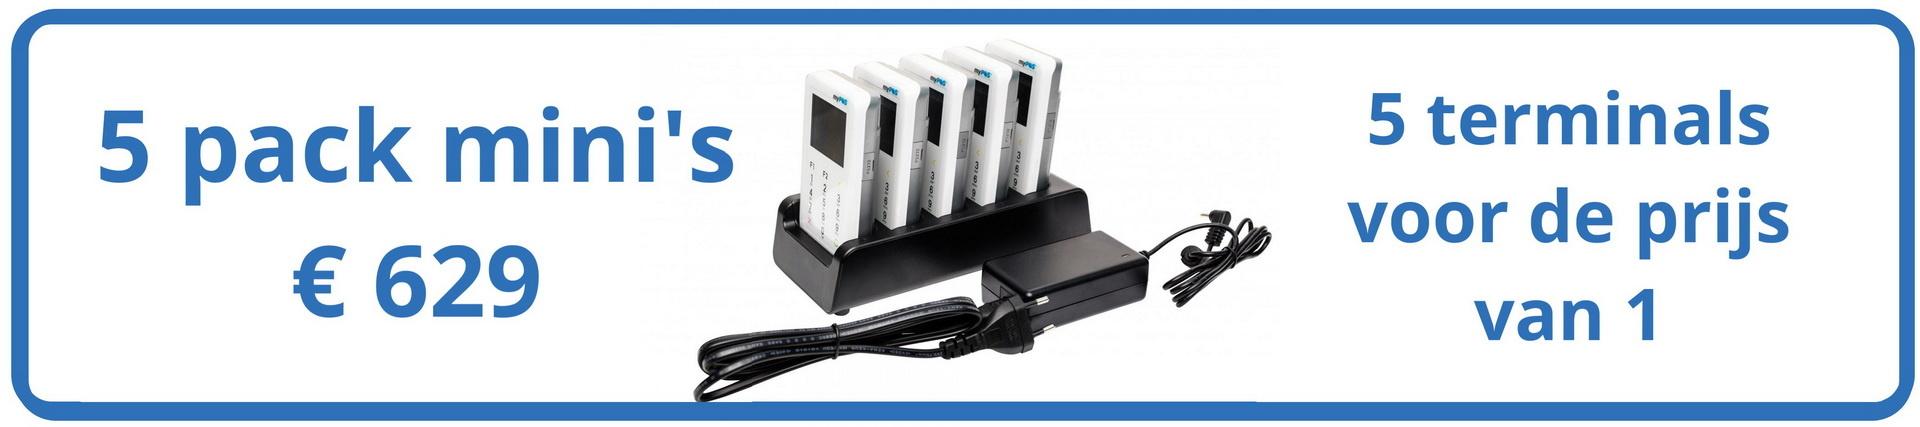 Vijf betaalterminals voor de prijs van 1 CCV of Worldline pinapparaat